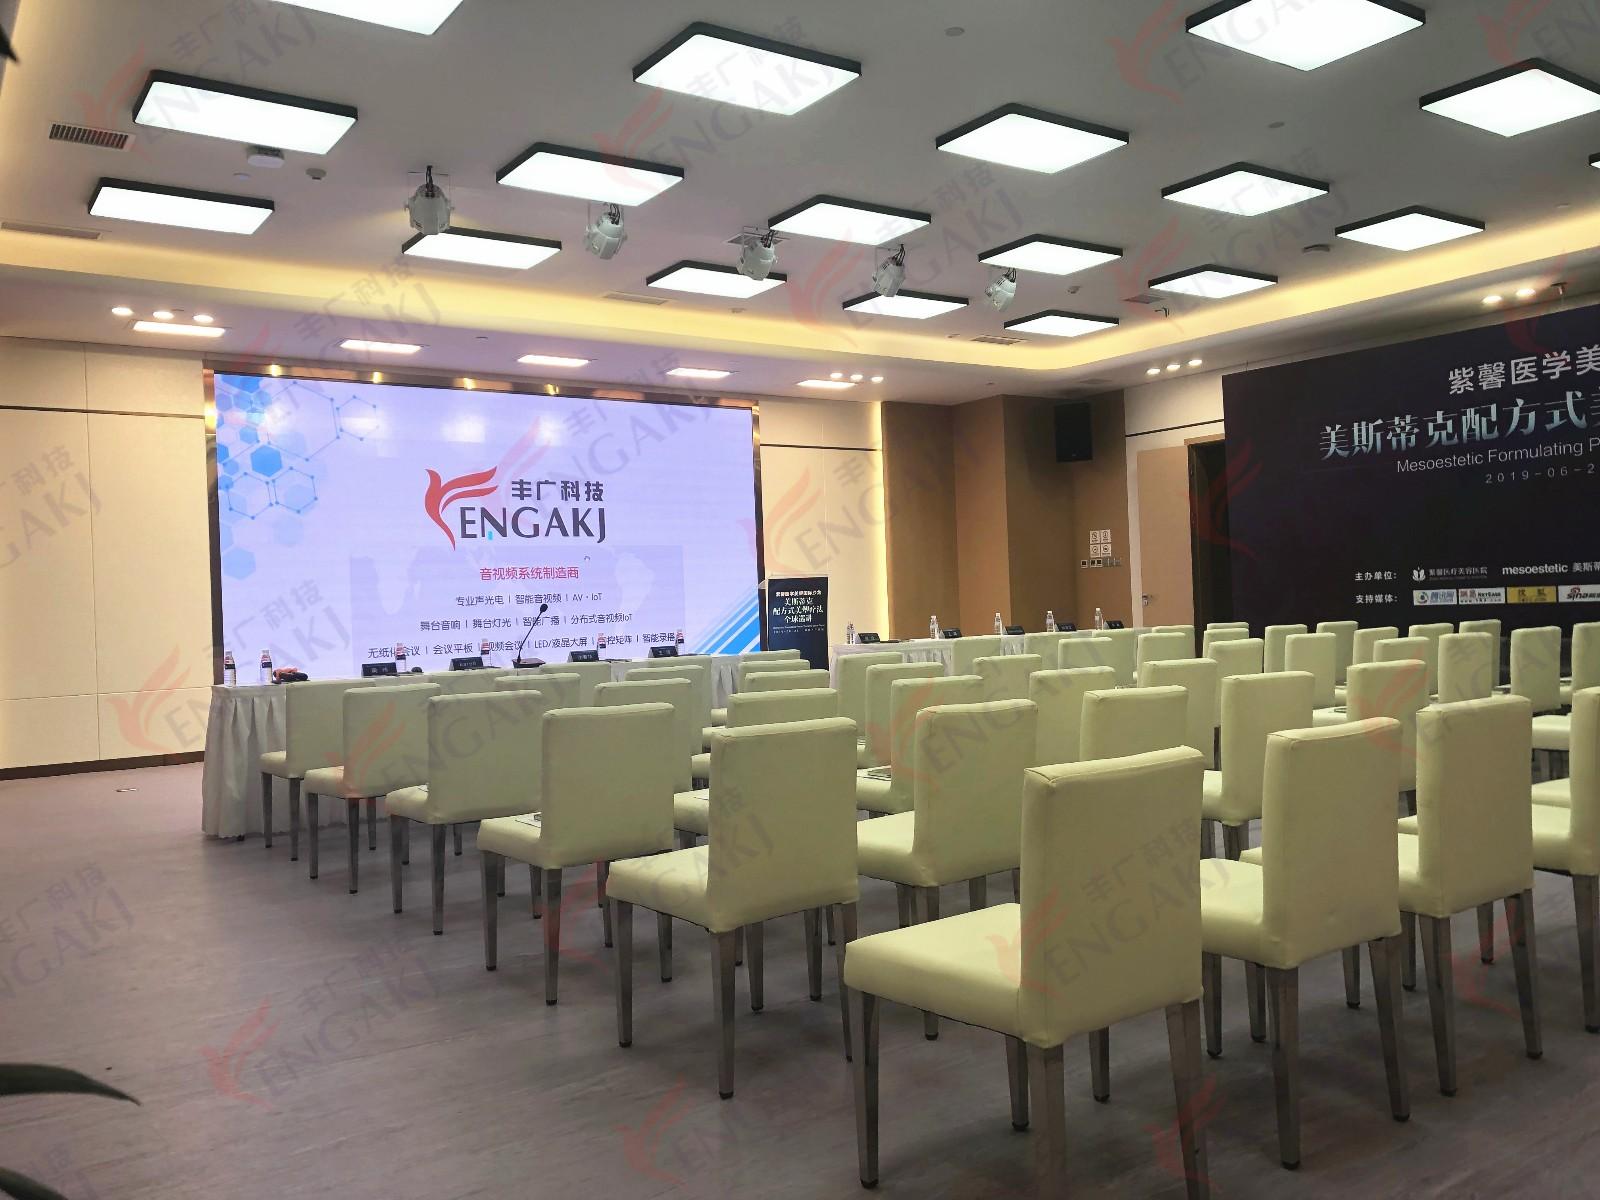 广州紫馨会议音响vwin152.jpg